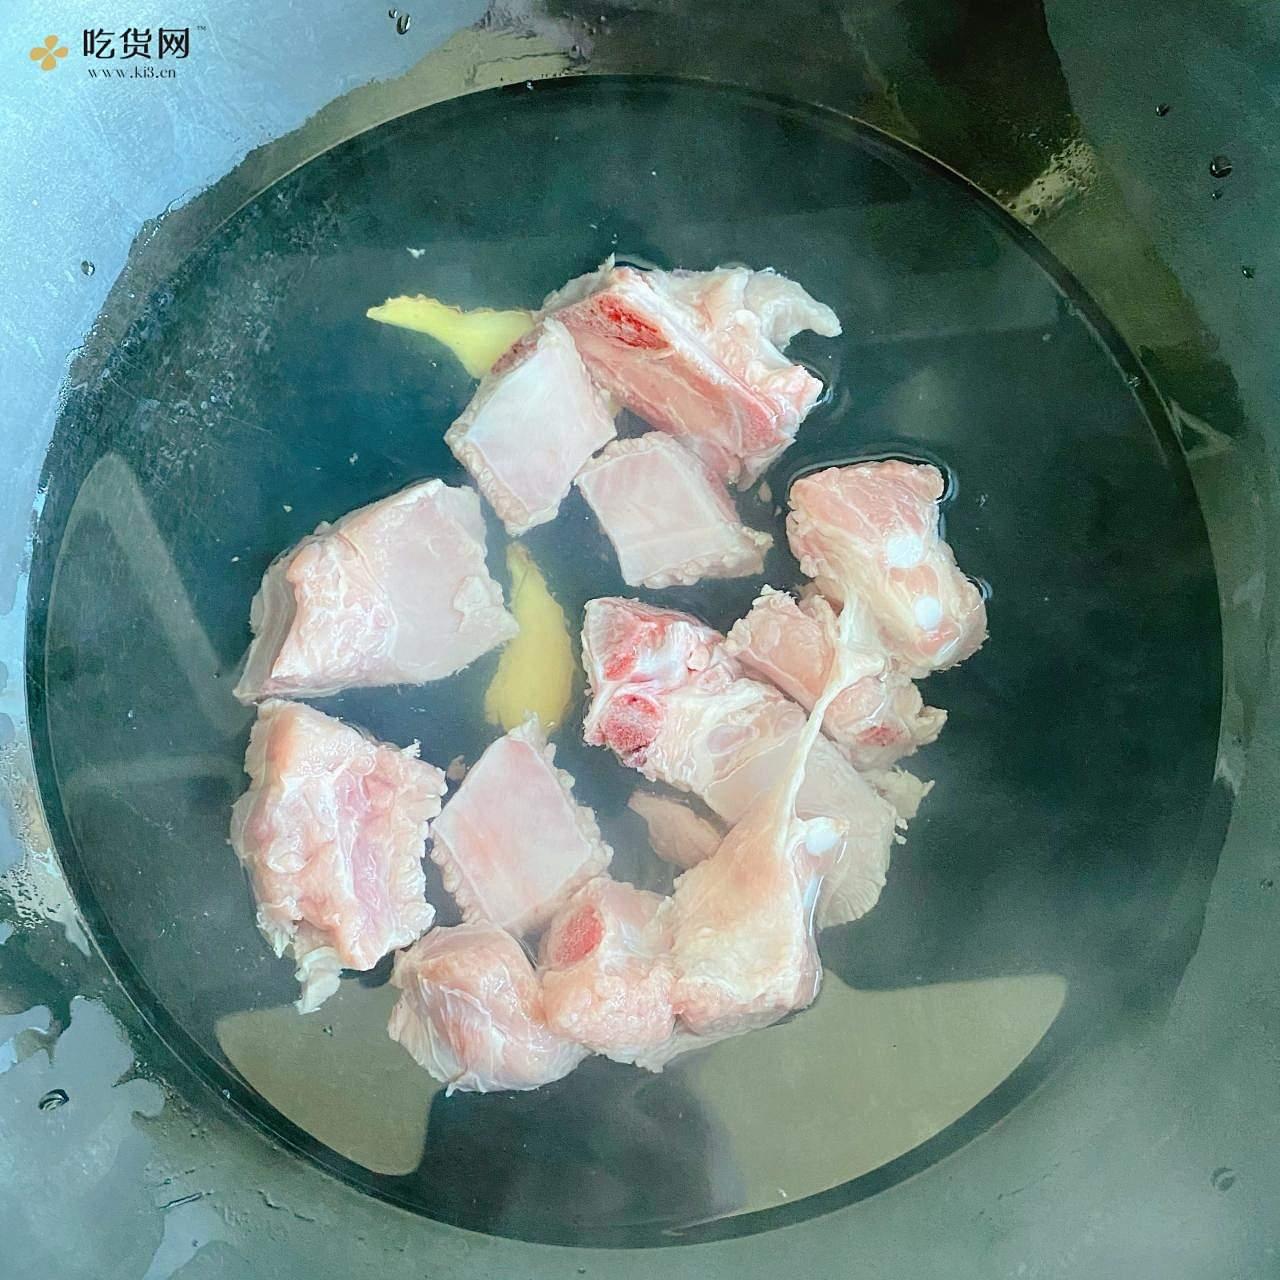 红烧排骨炖土豆🥔的做法 步骤1